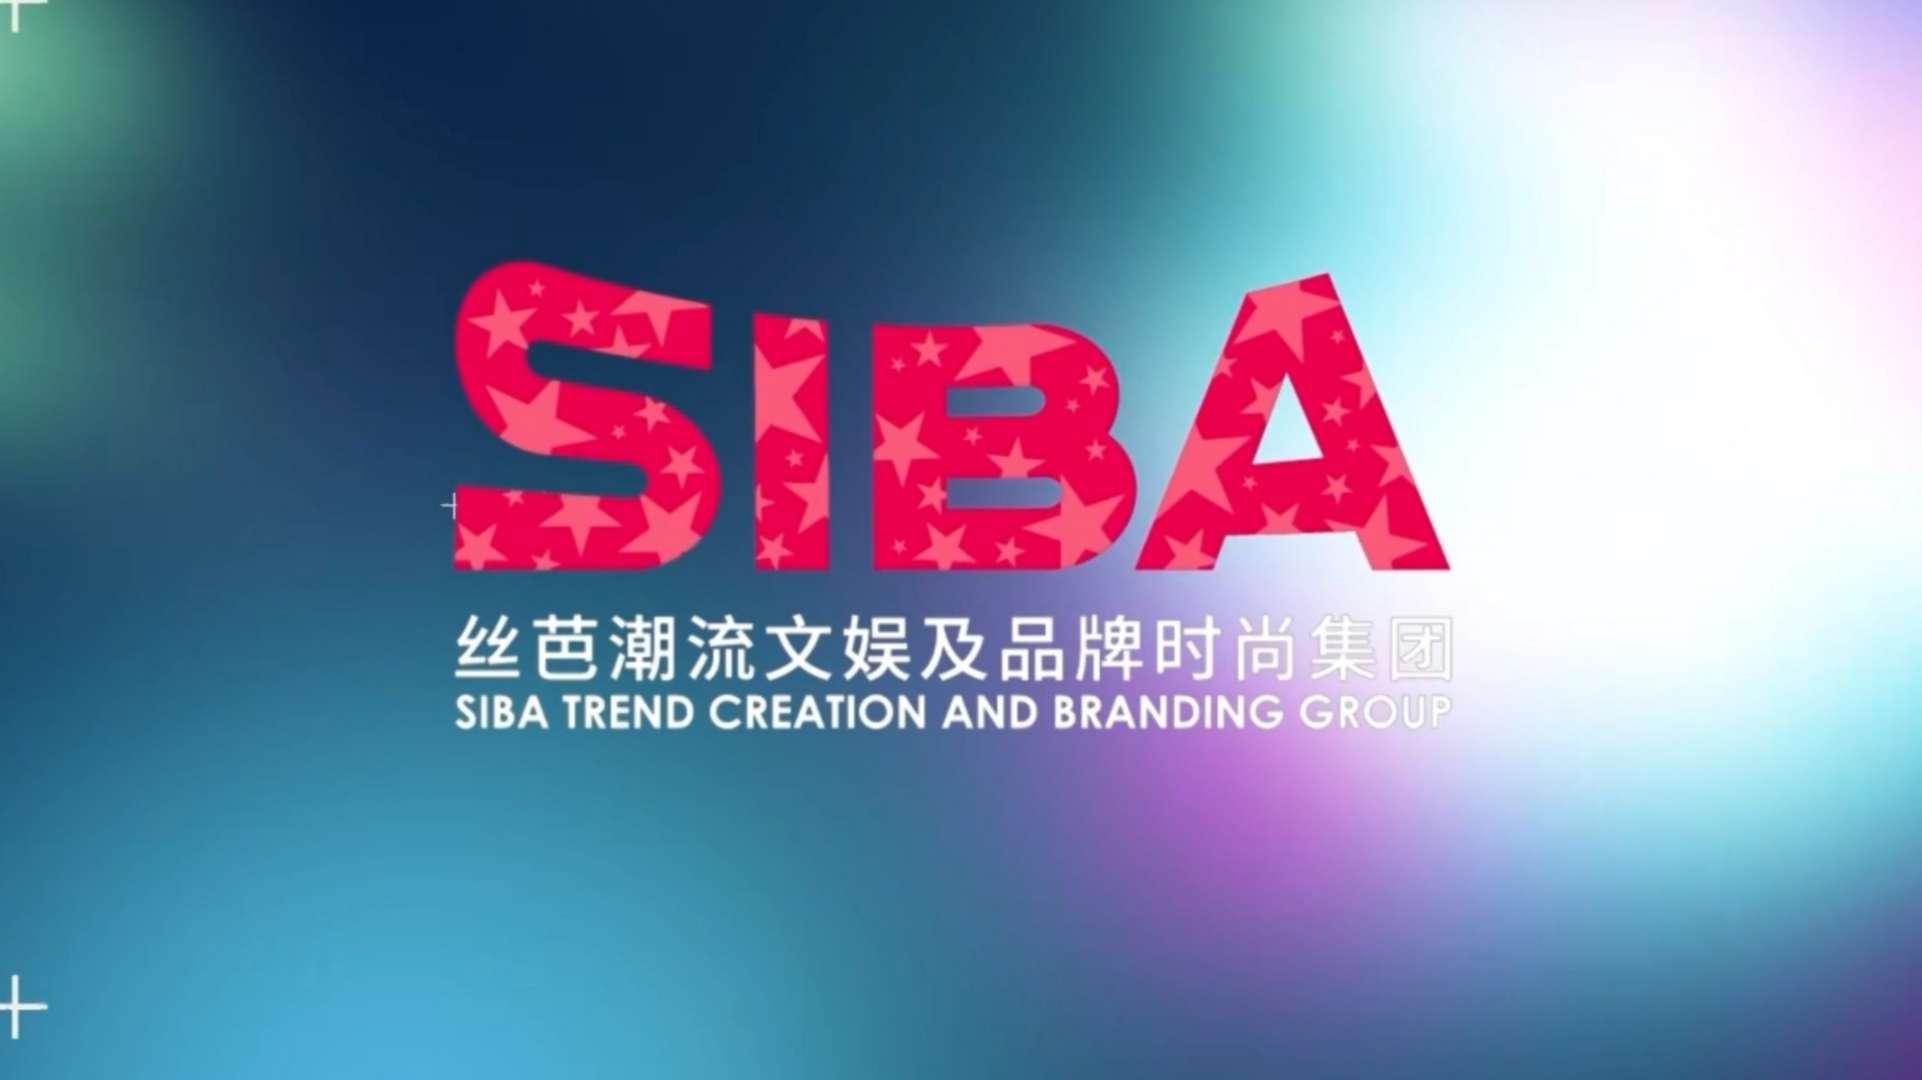 siba agensi snh48